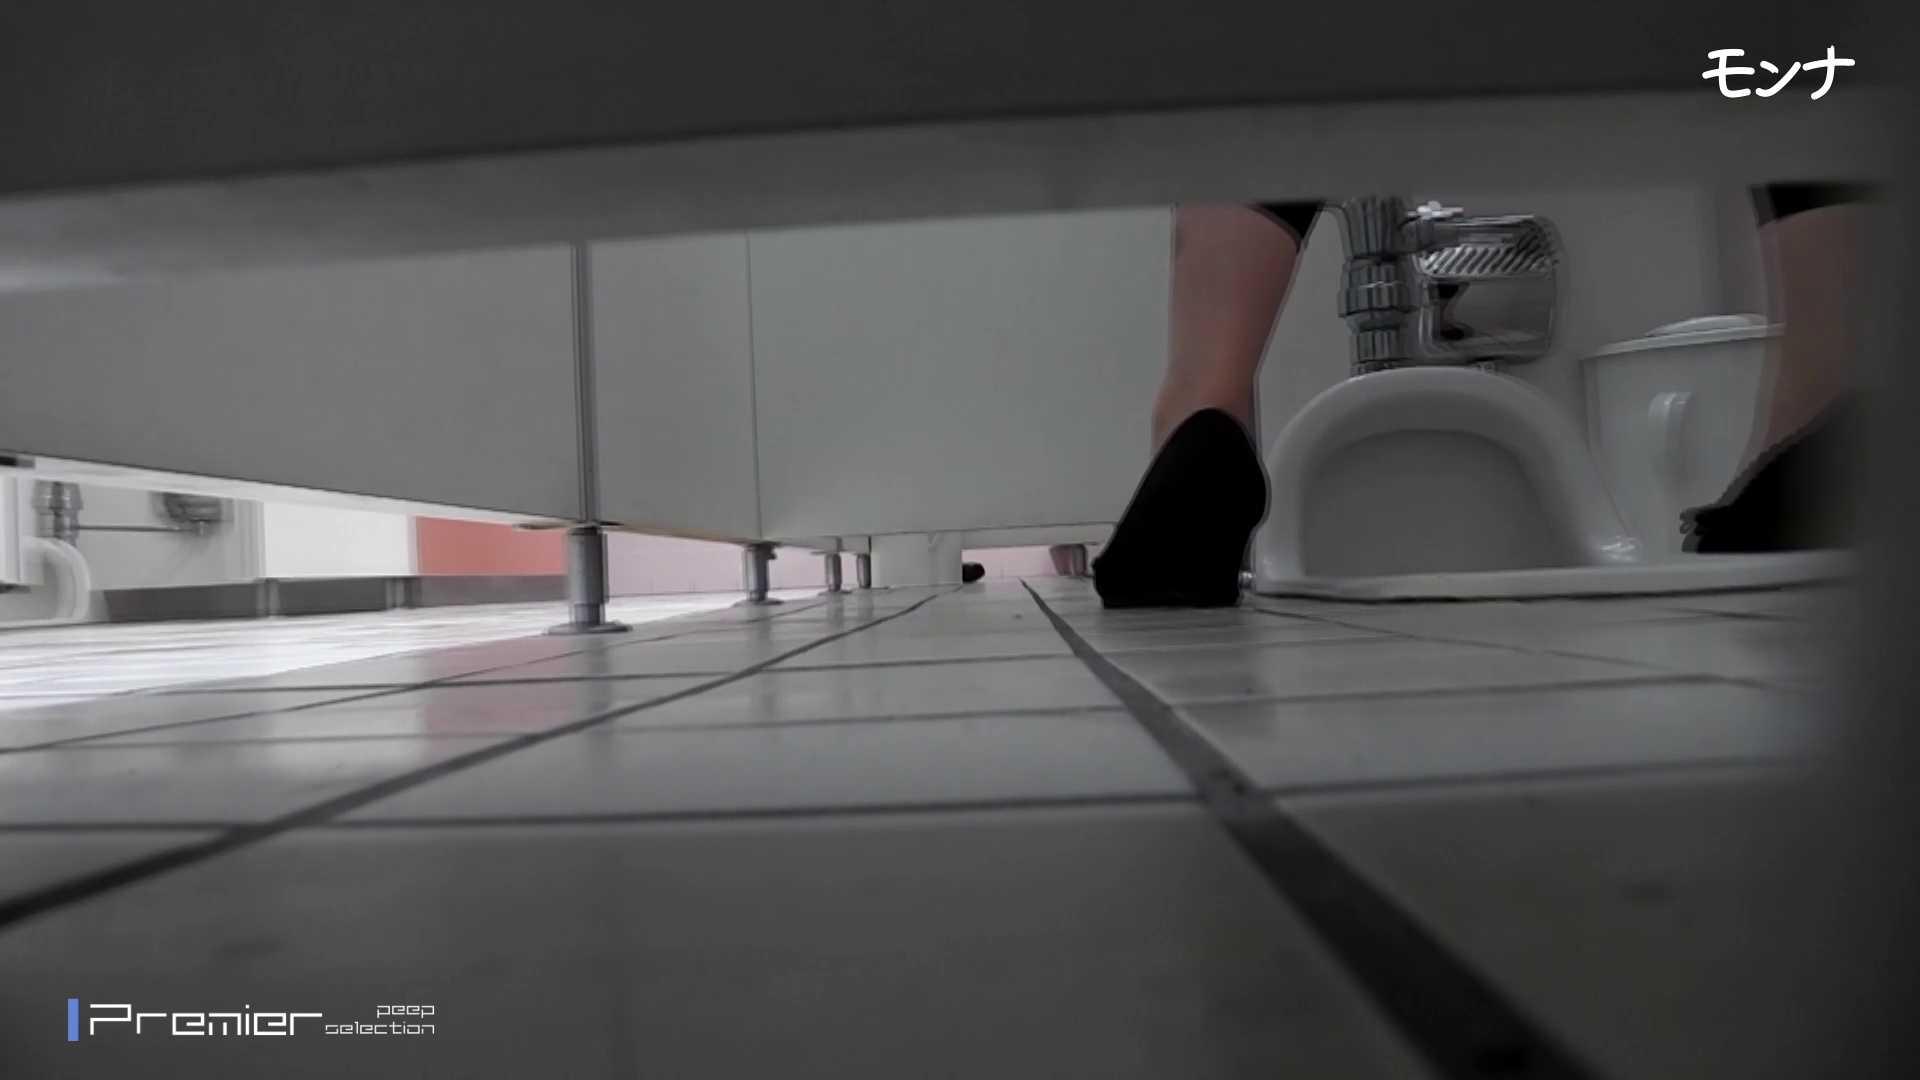 美しい日本の未来 No.77 聖職者のような清楚さを持ち合わせながら… フェチ   トイレ中の女子達  90連発 34